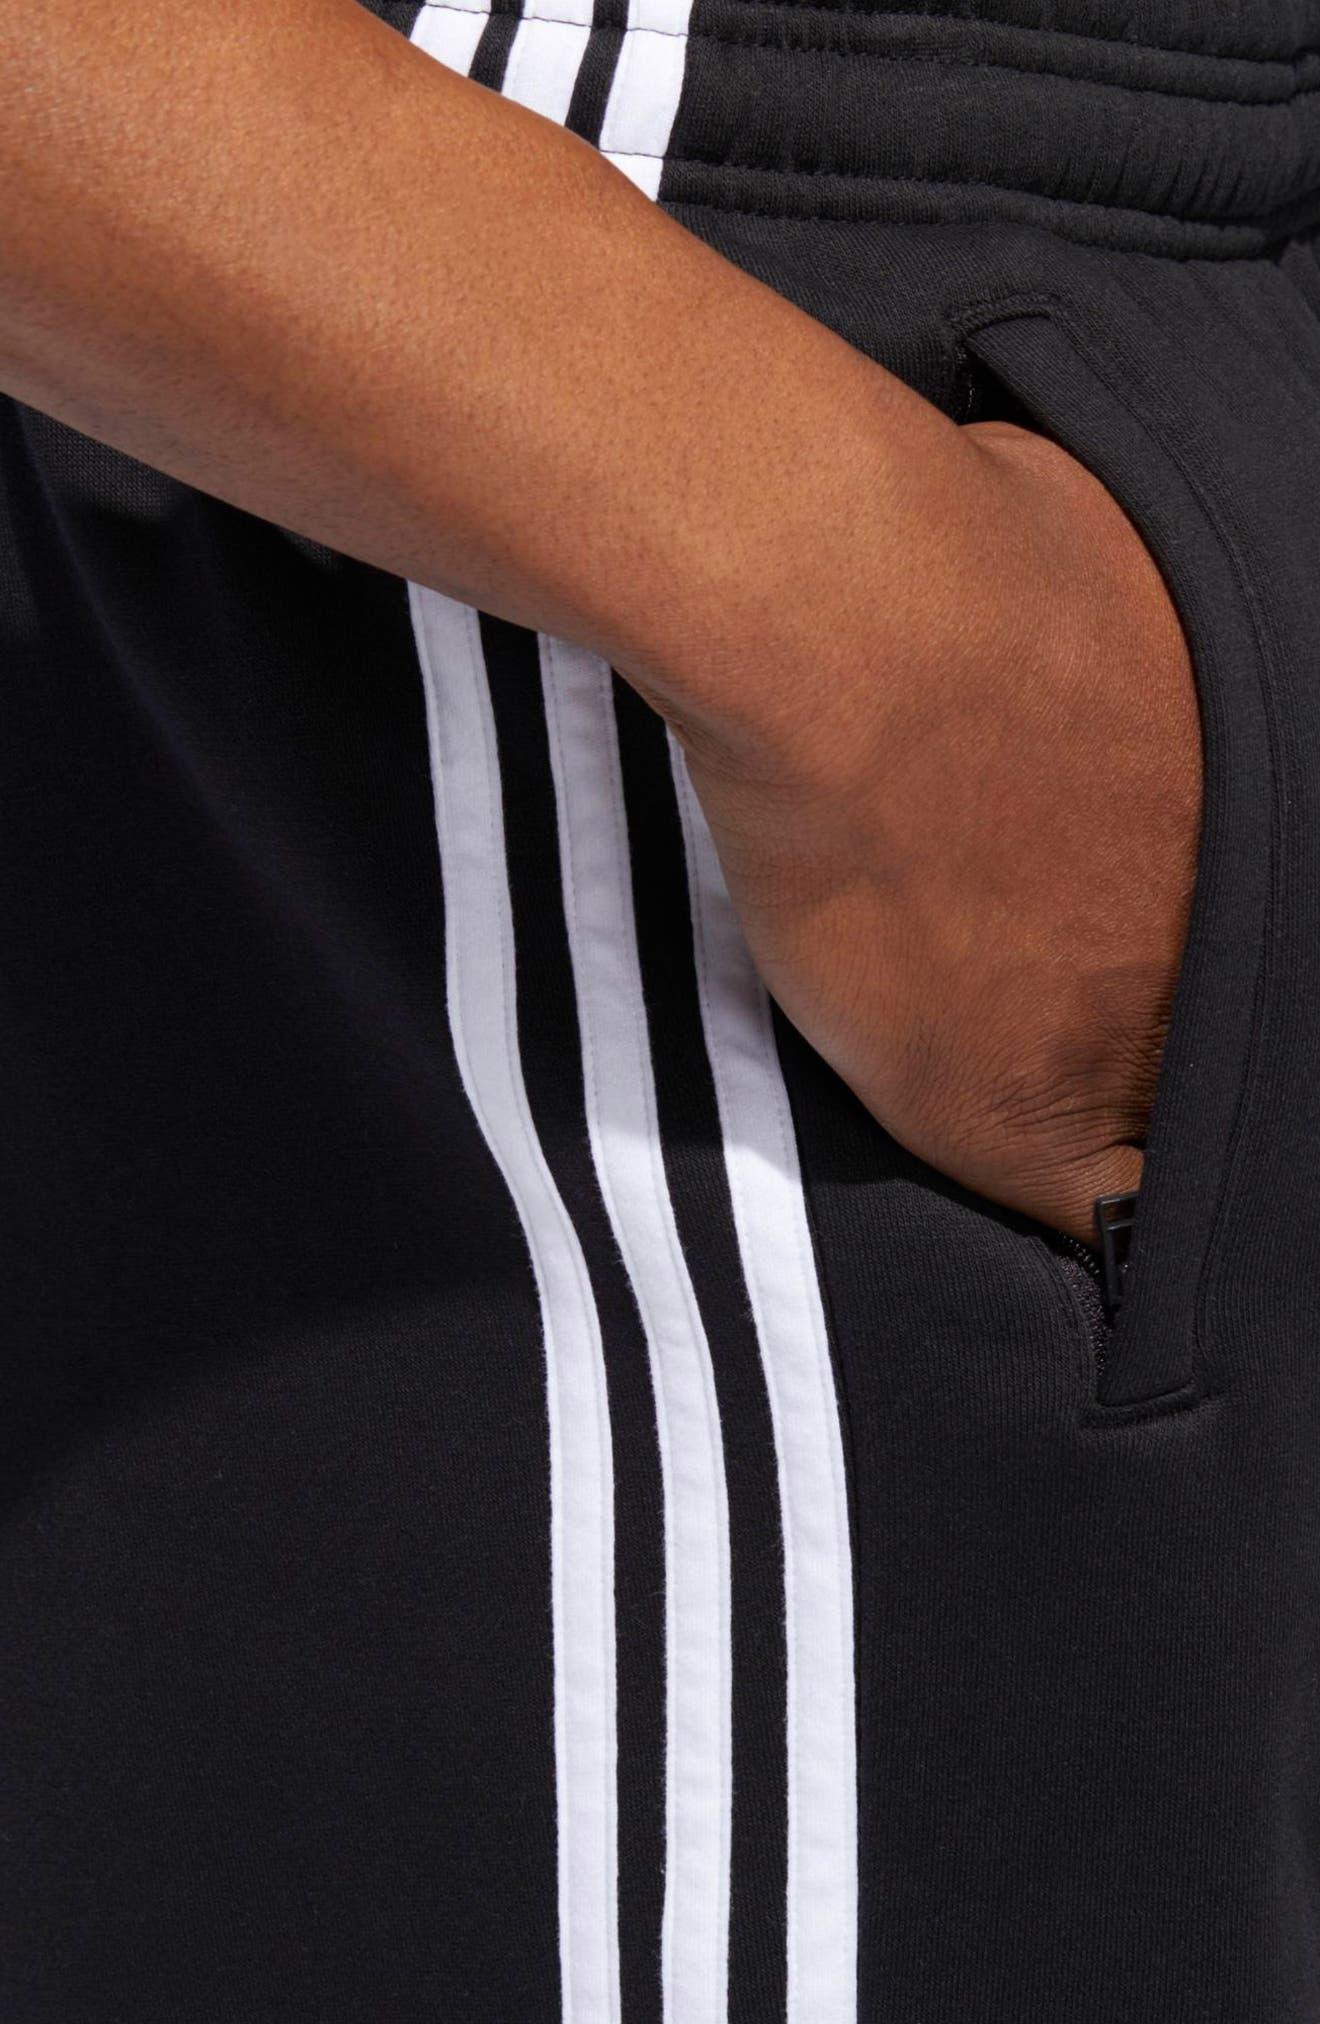 3-Stripes Shorts,                             Alternate thumbnail 4, color,                             BLACK/ WHITE